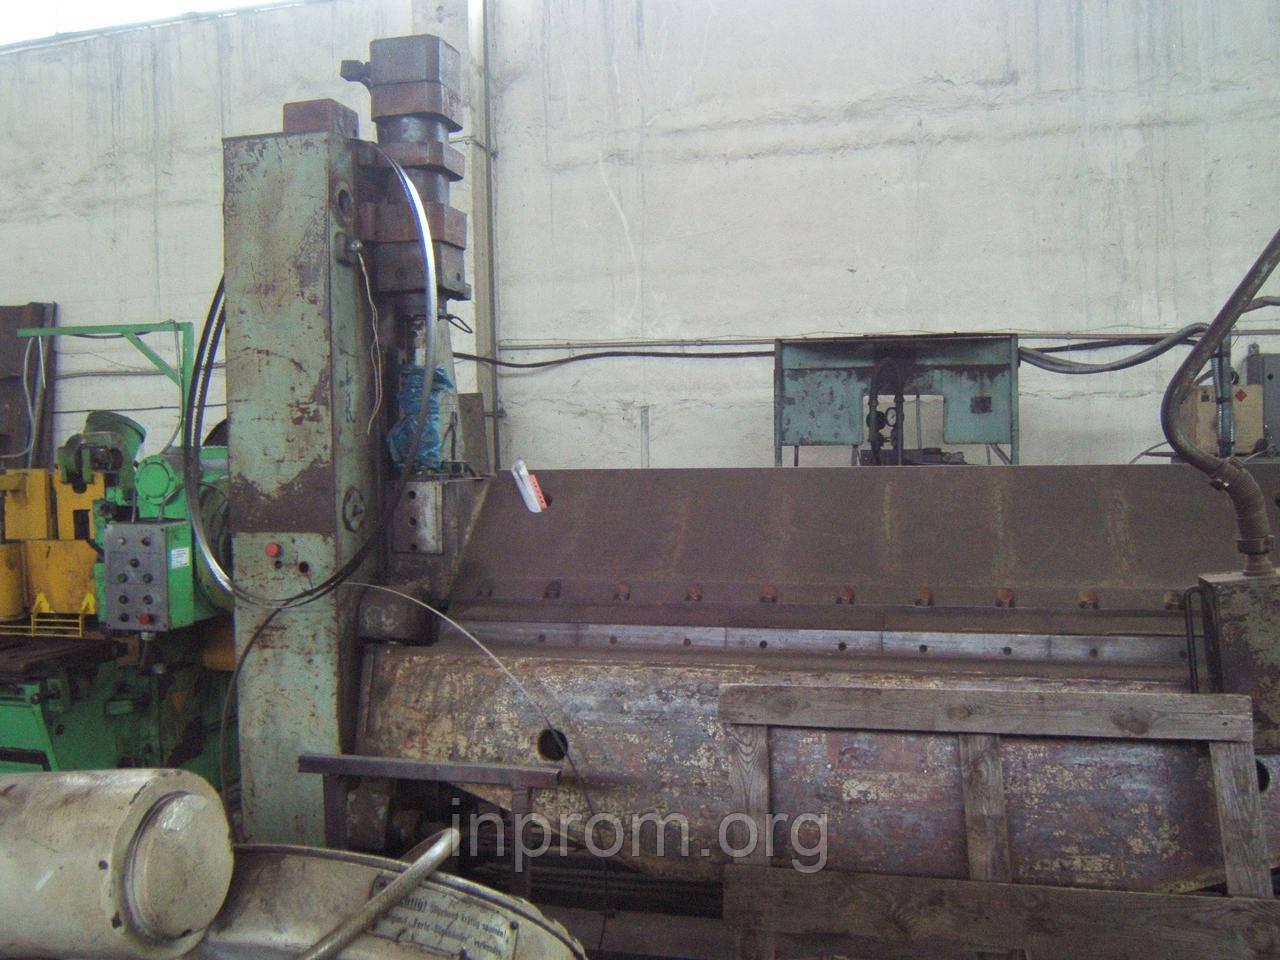 Пресс листогибочный ИВ2144 с поворотной балкой, ширина 2,5м, толщина 4,5мм